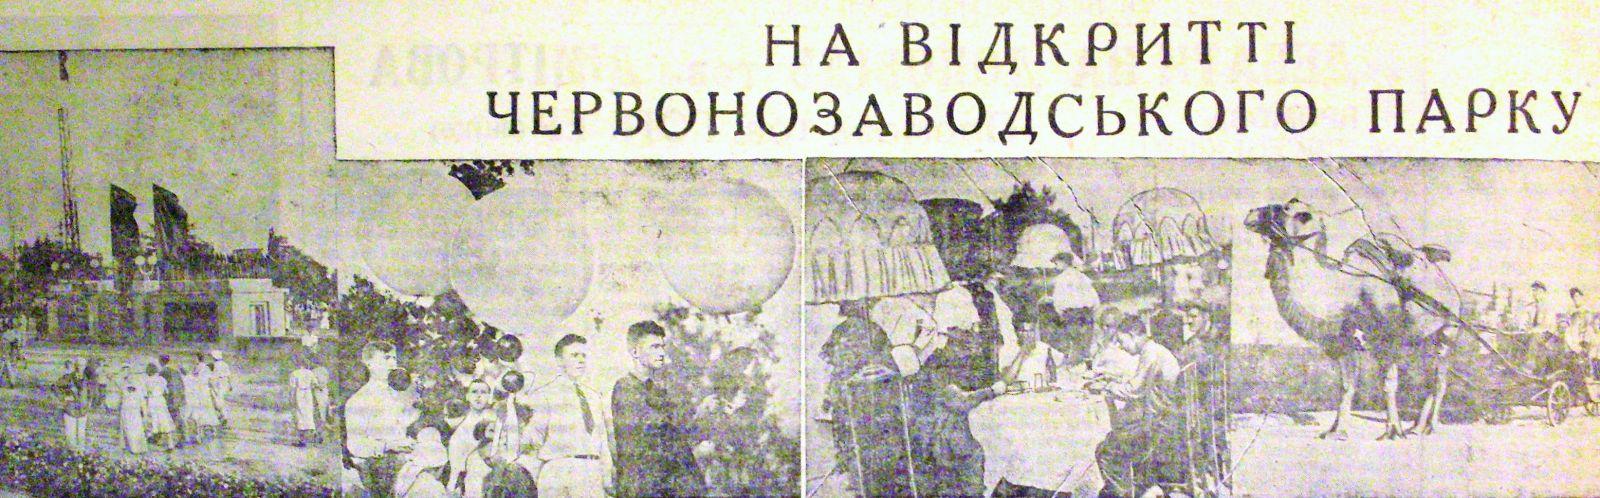 12 серпня 1935 року: на відкритті парку були не лише люди, а й верблюди